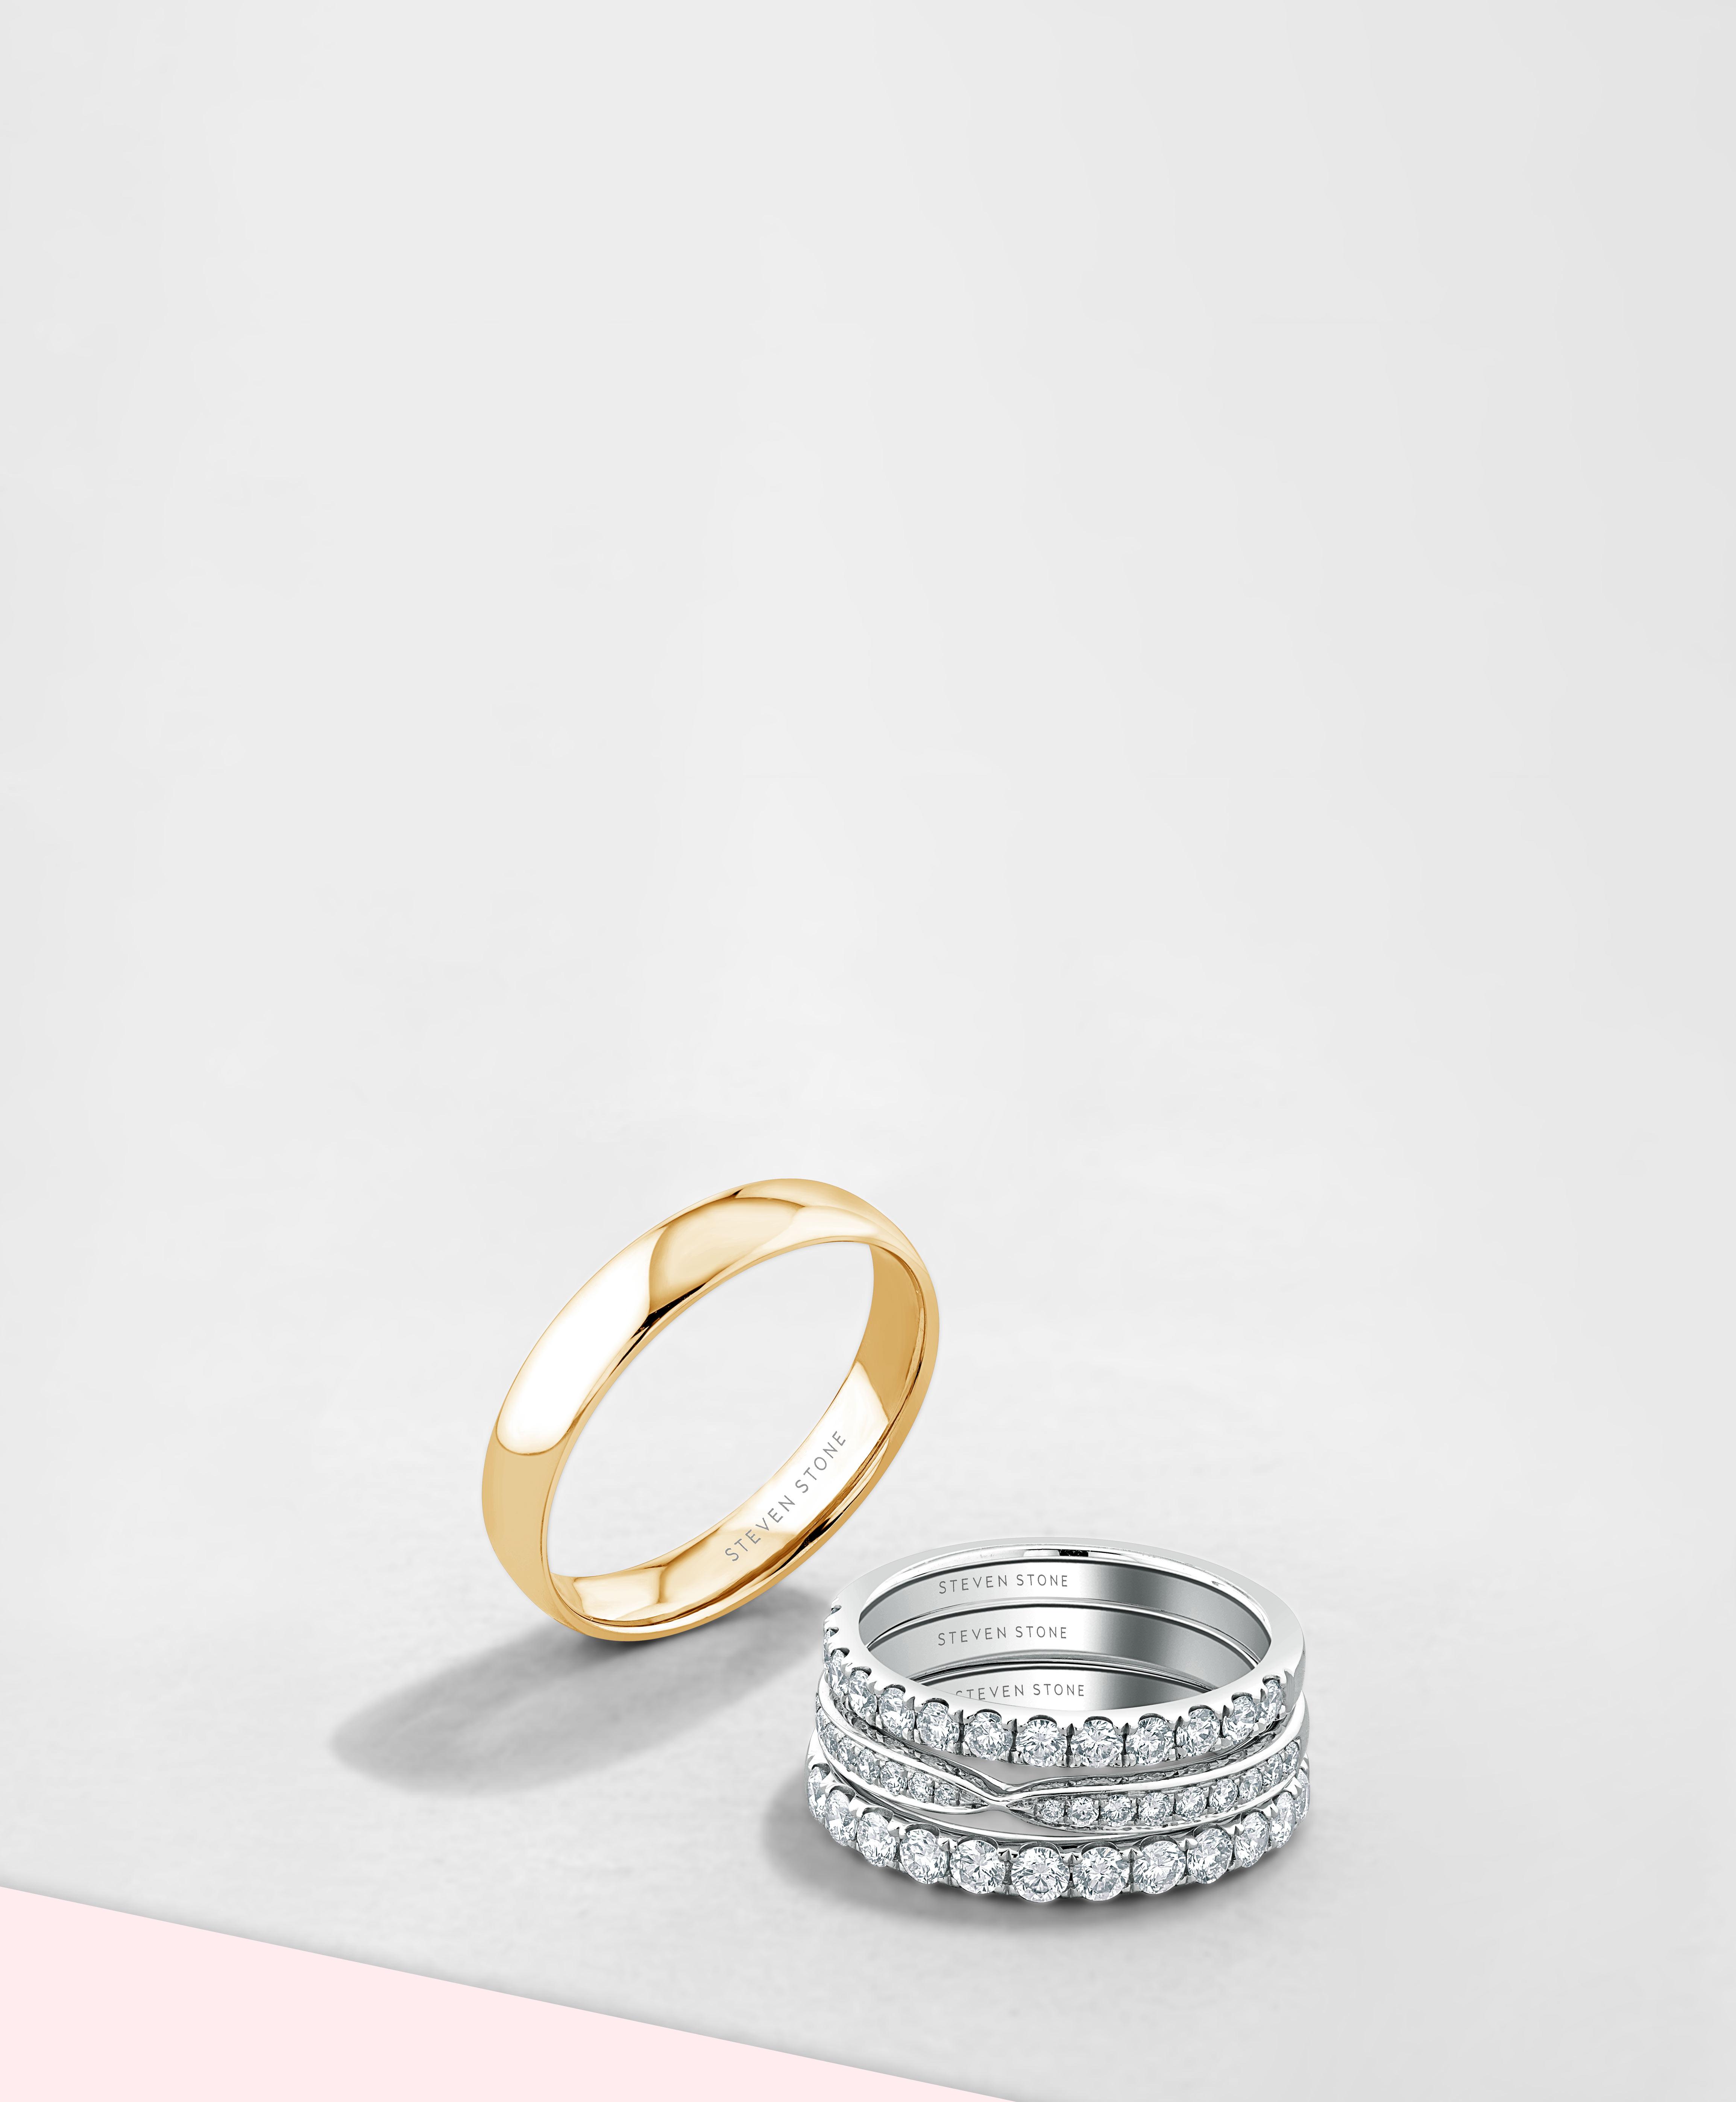 Rose Gold Plain Wedding Rings - Steven Stone